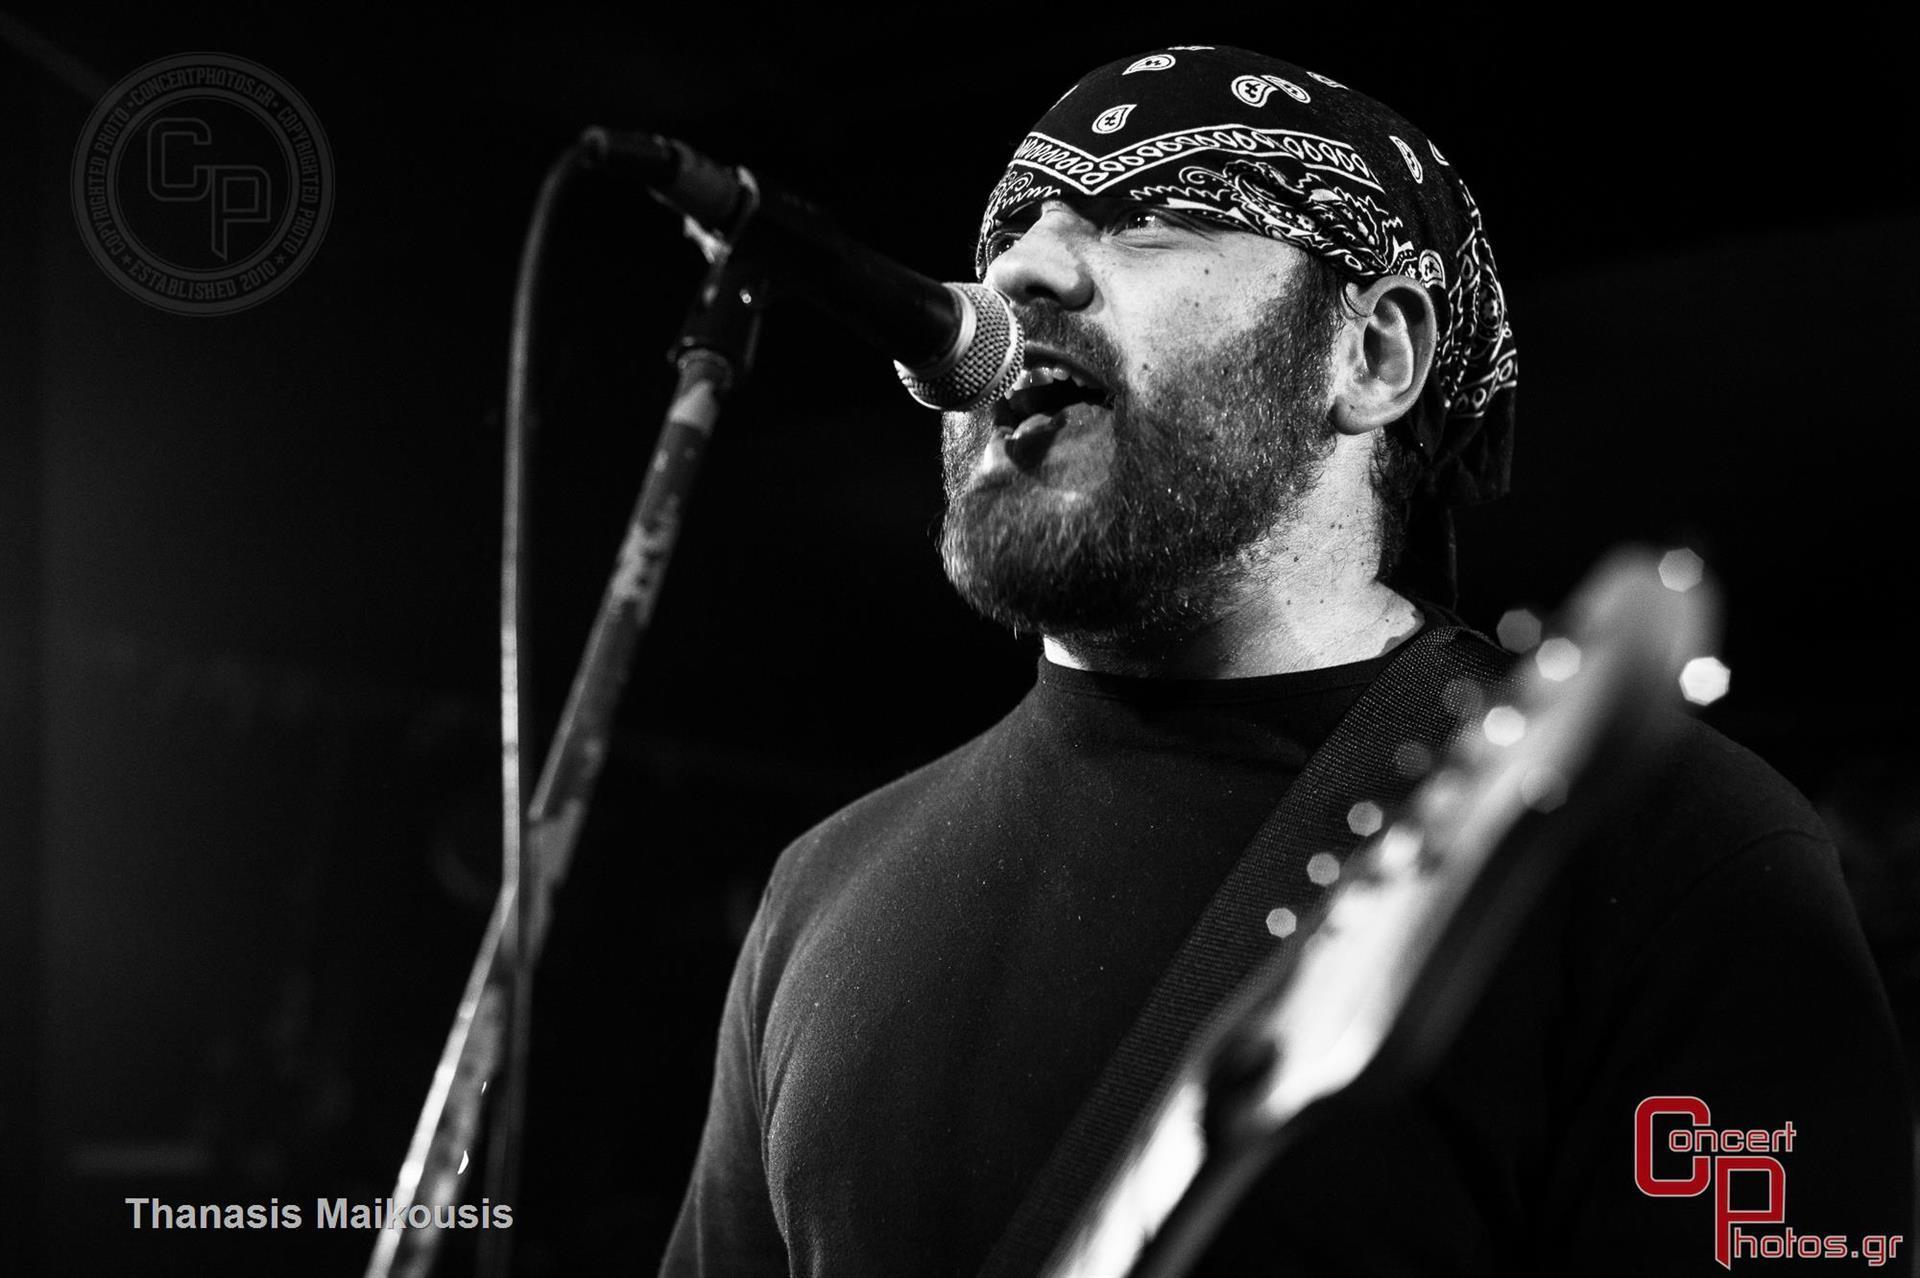 Battle Of The Bands Leg 5-Battle Of The Bands Leg 4 photographer: Thanasis Maikousis - ConcertPhotos - 20150315_2142_03